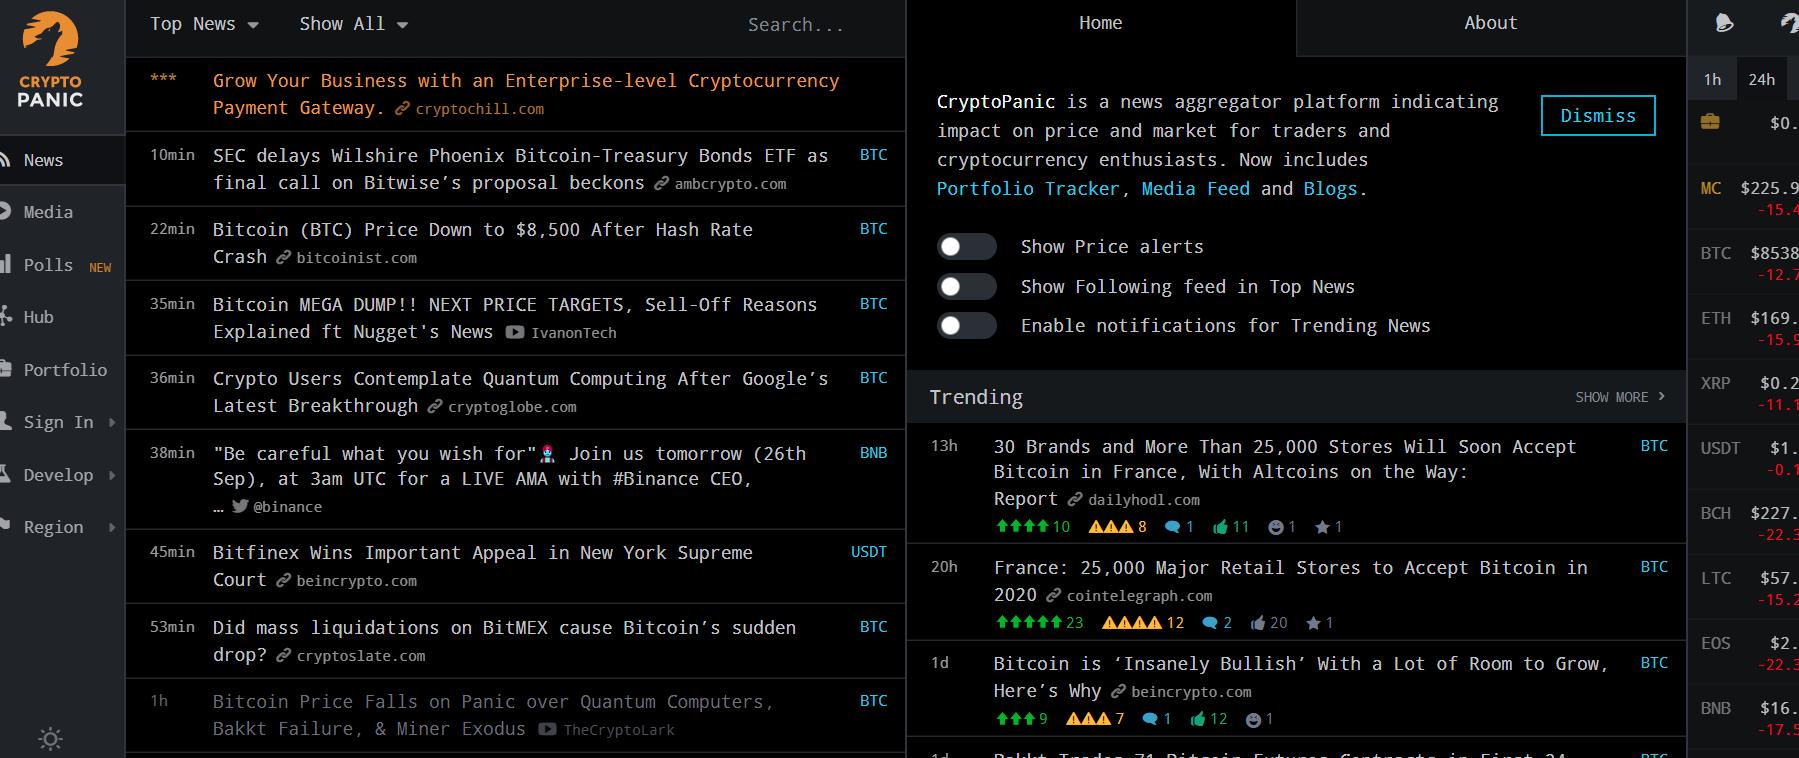 加密货币全球新闻舆情监控网站cryptopanic